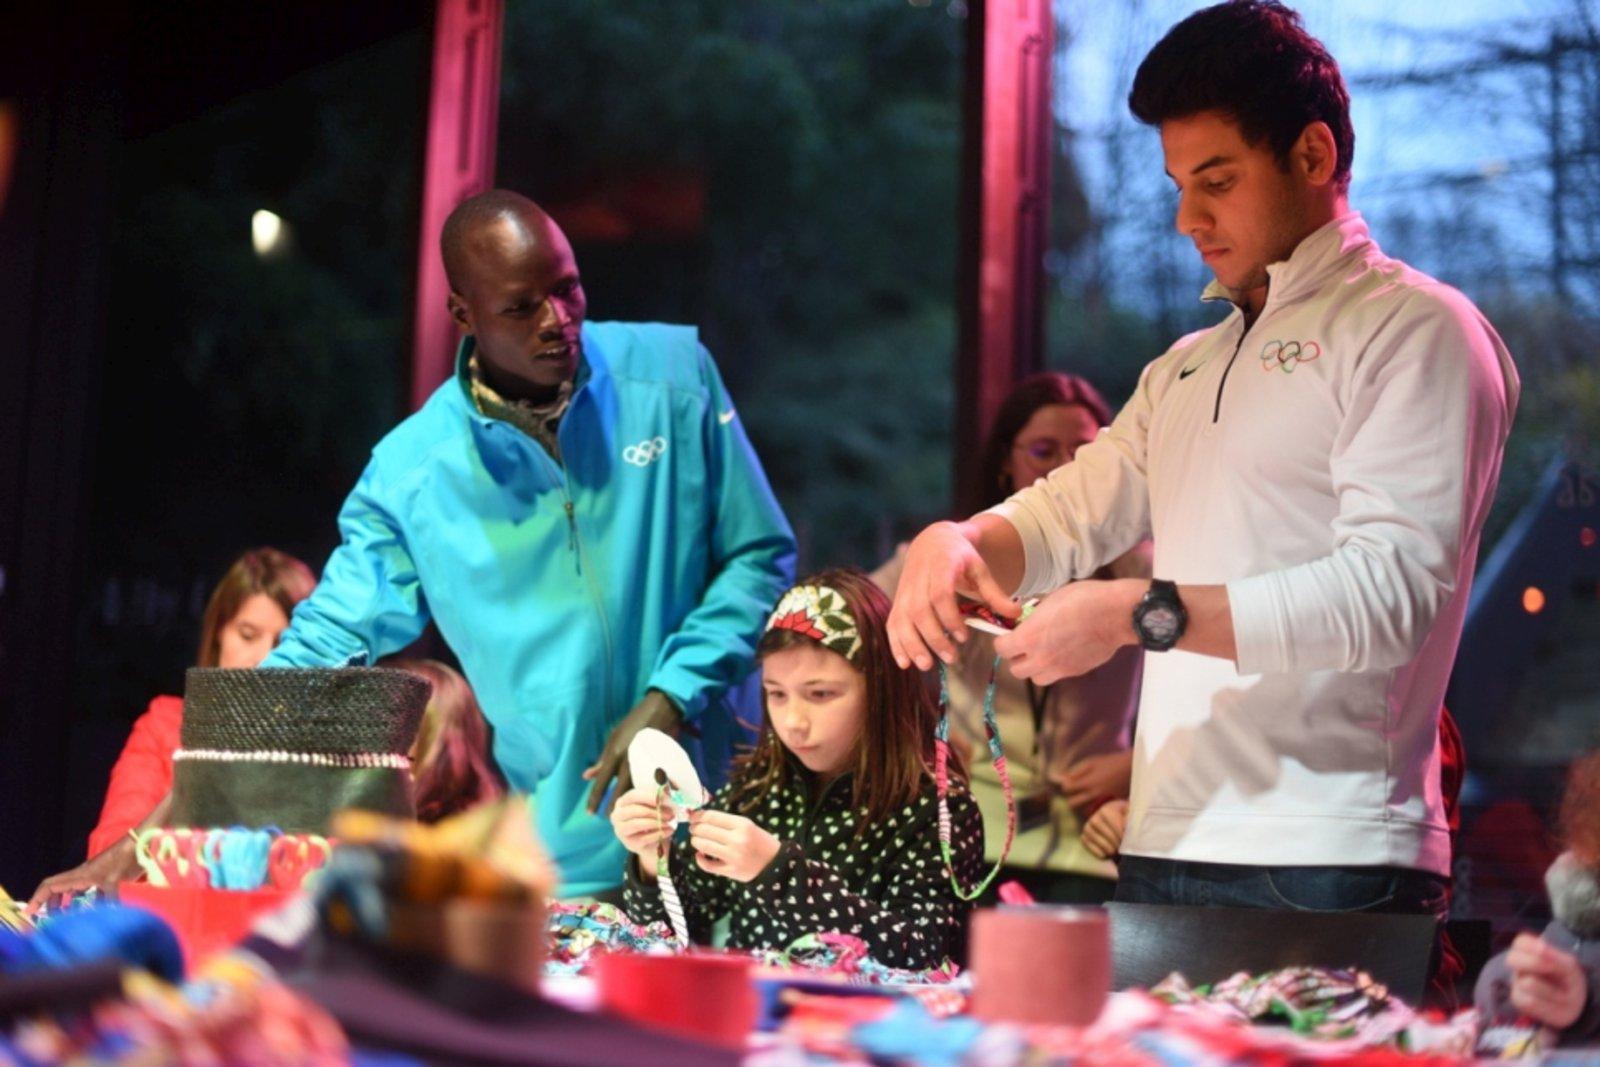 Niños franceses y  atletas refugiados dan regalos a menores que han huido de su país